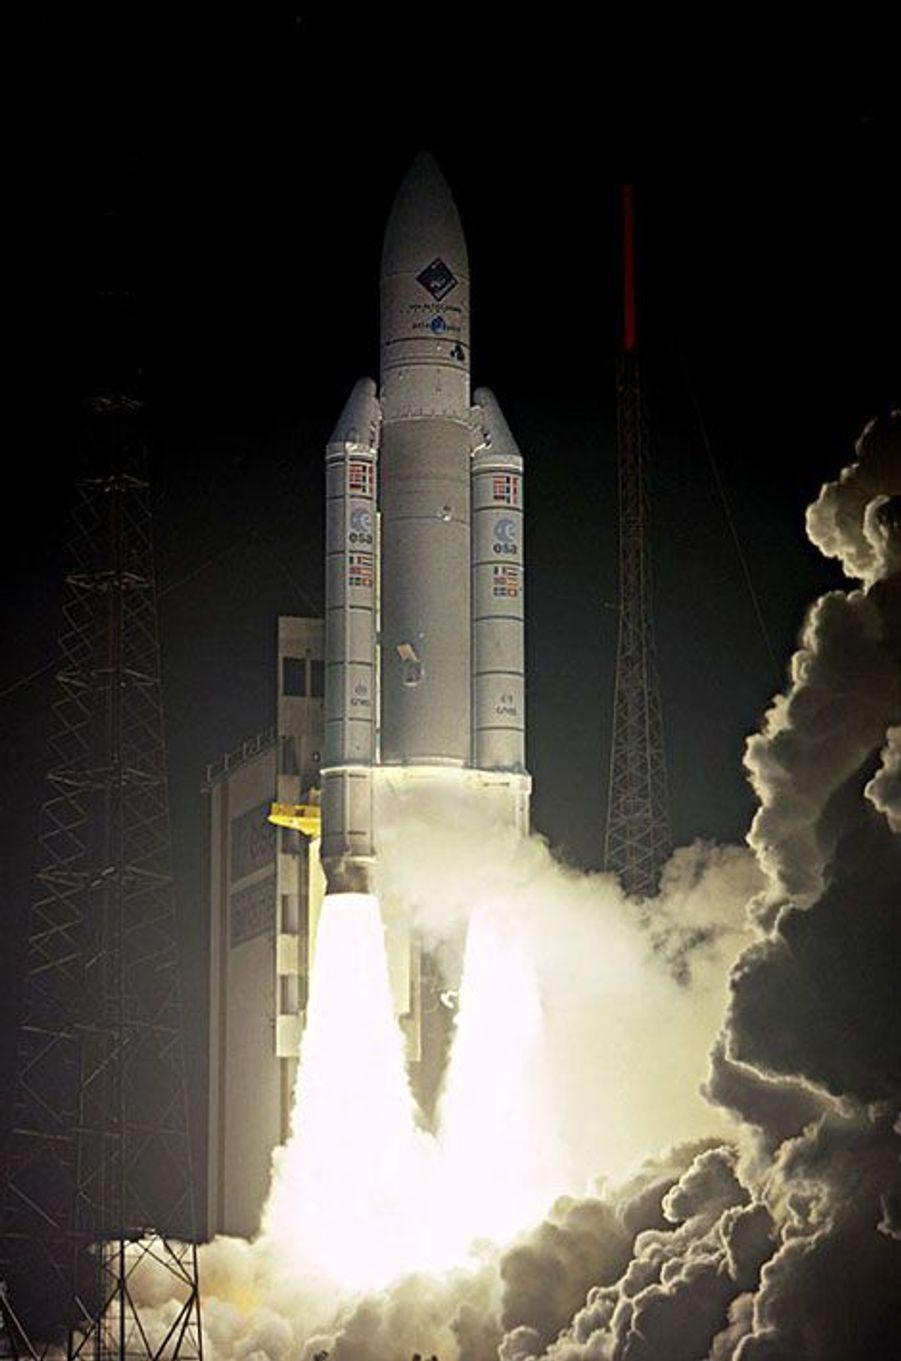 Le grand jour est arrivé pour le petit robot Philae, passager depuis plus de dix ans de la sonde spatiale européenne Rosetta : il va tenter mercredi le premier atterrissage de l'histoire sur le noyau d'une comète.Cette prouesse technique, qui se déroulera à 511 millions de km de la Terre, doit encore obtenir l'autorisation définitive des responsables de la navigation de la sonde, au Centre européen d'opérations spatiales (ESOC) de l'ESA (Agence spatiale européenne) à Darmstadt (Allemagne).Après avoir parcouru 6,5 milliards de km depuis son départ de la Terre, en 2004, la sonde européenne Rosetta a rejoint la comète 67P/Churyumov-Gerasimenko début août.L'ESA va tenter à présent de poser l'atterrisseur Philae sur la surface de ce corps céleste d'une dimension maximale de 5,4km sur 4,1 km.La mission doit permettre de révéler quelques secrets sur la formation du système solaire.Le minutage de l'opération de même que l'angle et la vitesse de séparation de Philae seront déterminants: une fois le module séparé de Rosetta, les scientifiques de l'ESA n'auront en effet plus aucun moyen d'intervenir sur sa trajectoire le menant vers le site d'atterrissage baptisé Agilkia.Les scientifiques espèrent que les données recueillies à la surface de la comète leur permettront d'avoir un aperçu de ce à quoi ressemblait le monde à la naissance du système solaire, il y a 4,6 milliards d'années.A lire : le satellite Gaia, une prouesse européenne